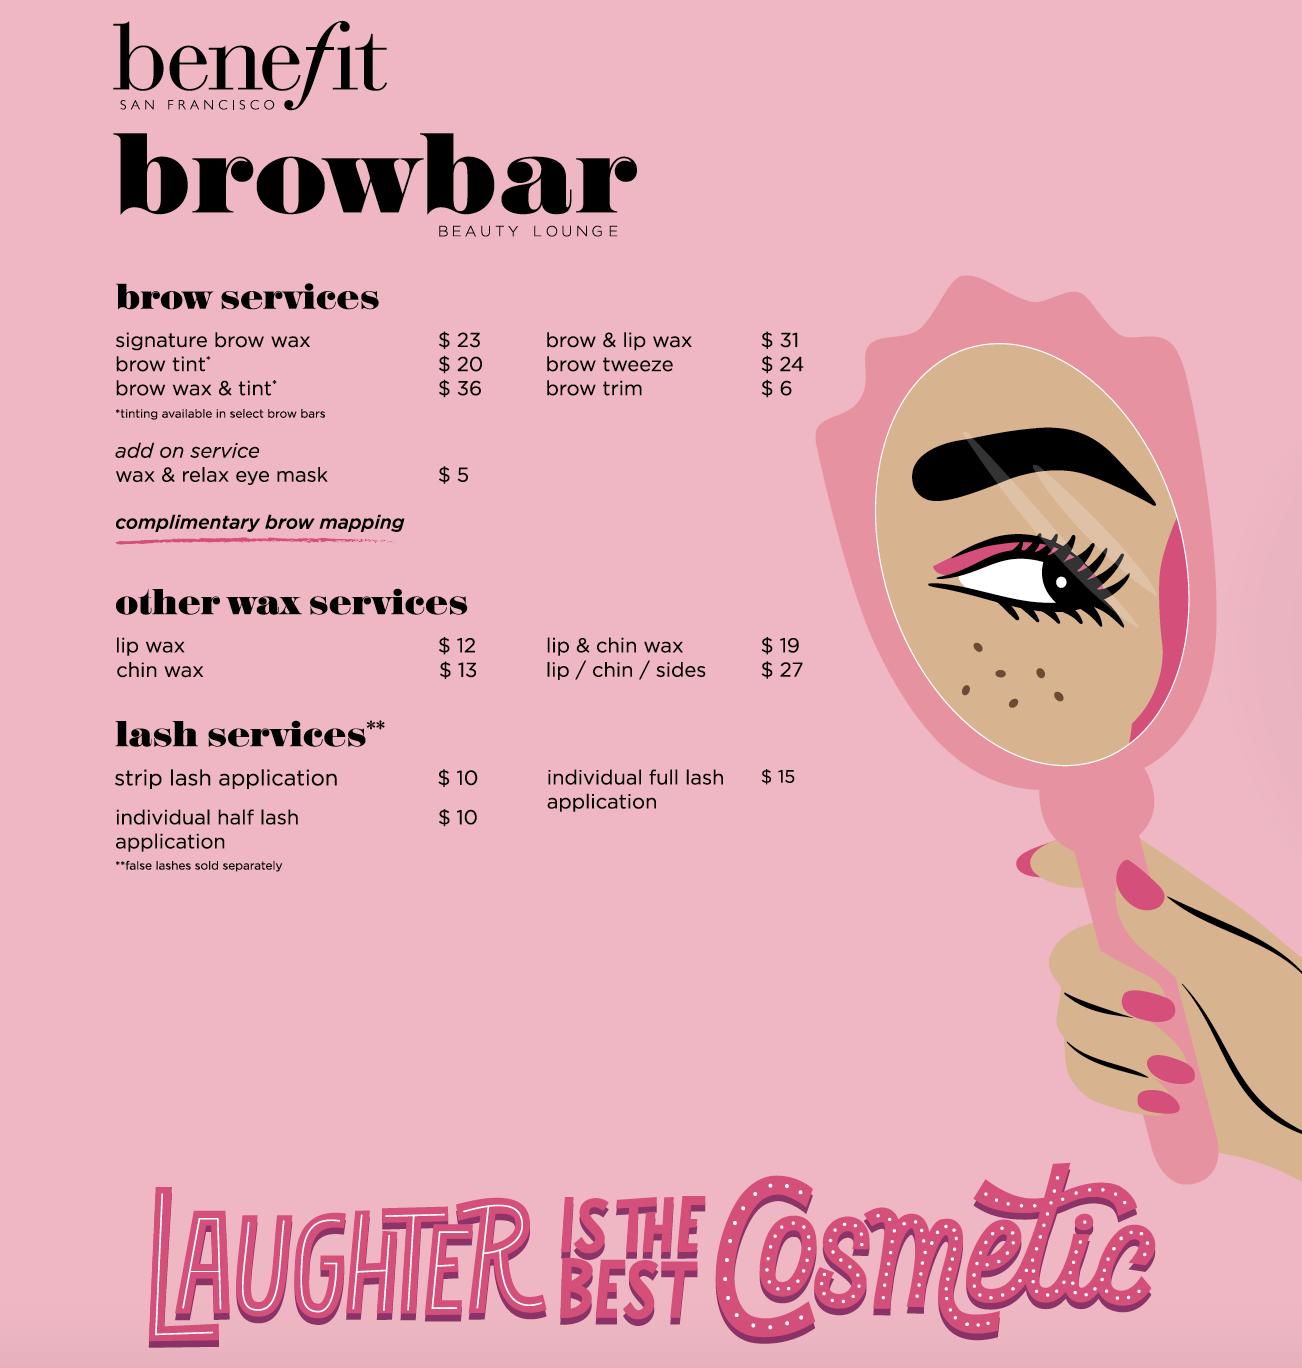 Benefit Cosmetics BrowBar